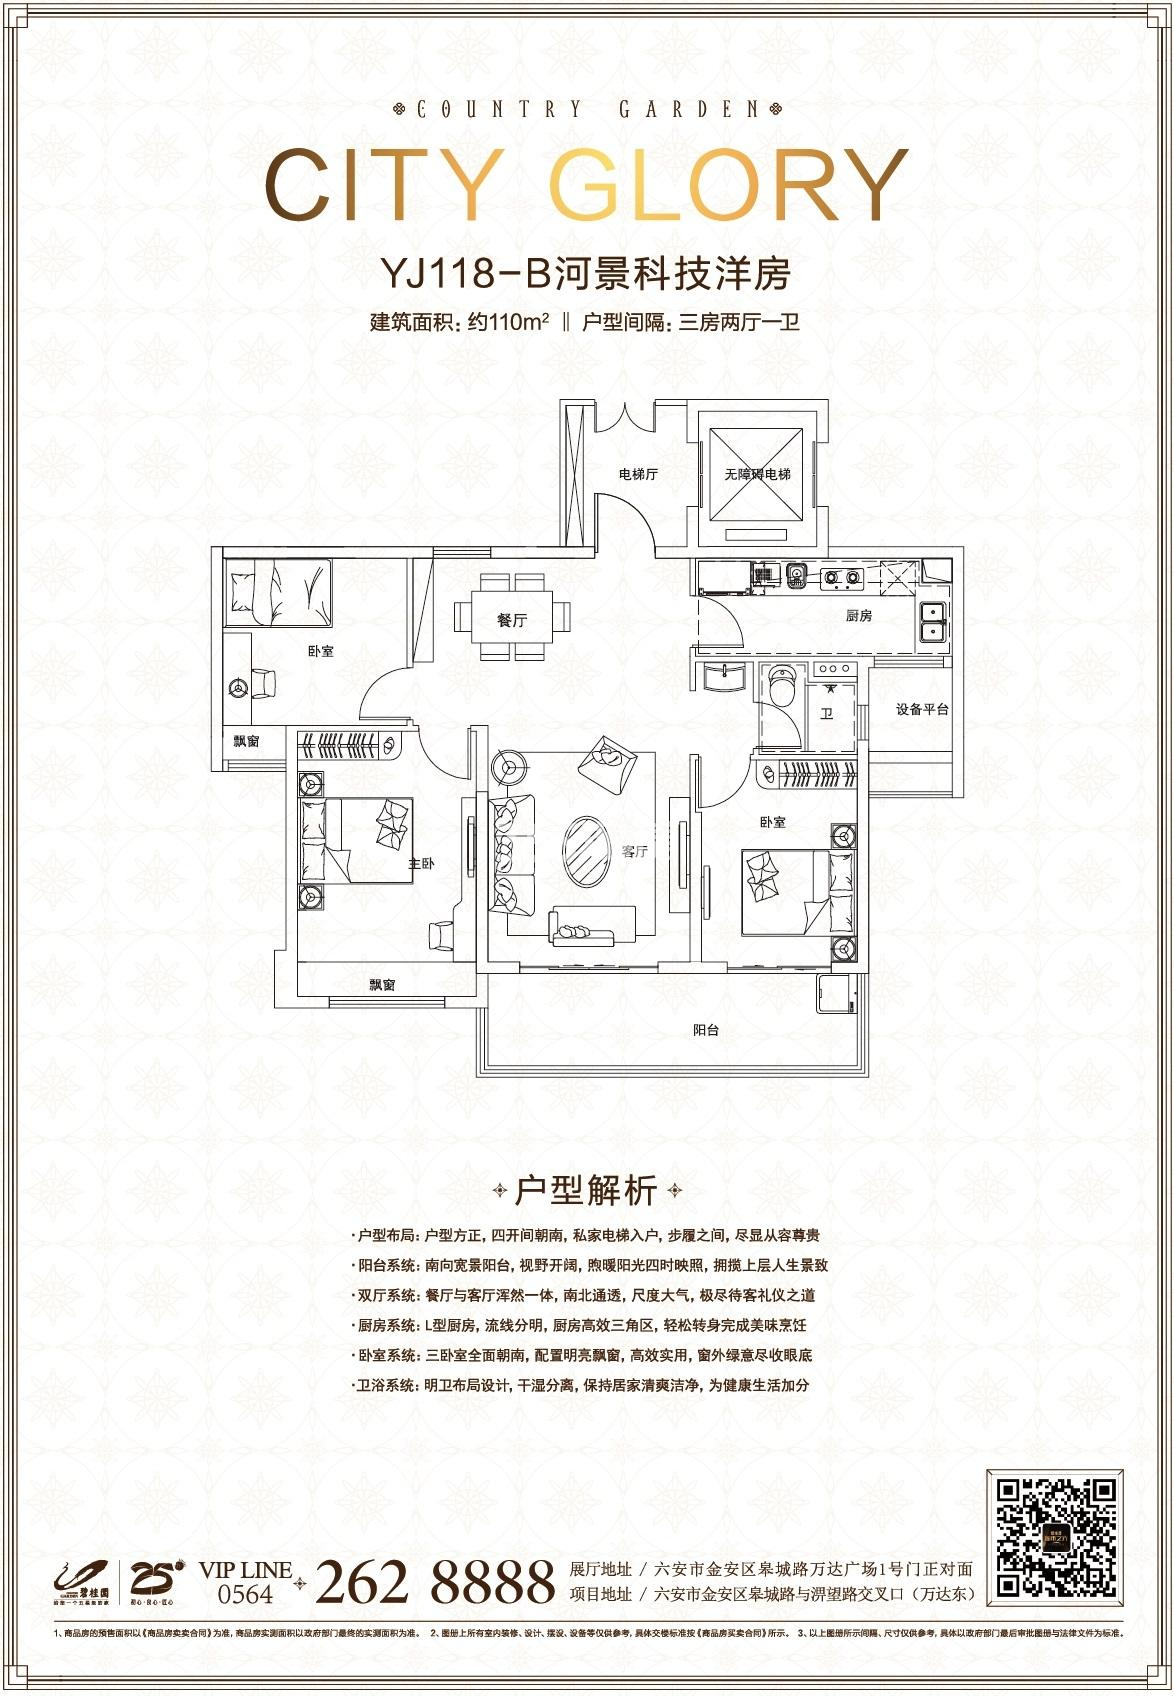 碧桂园·城市之光户型图